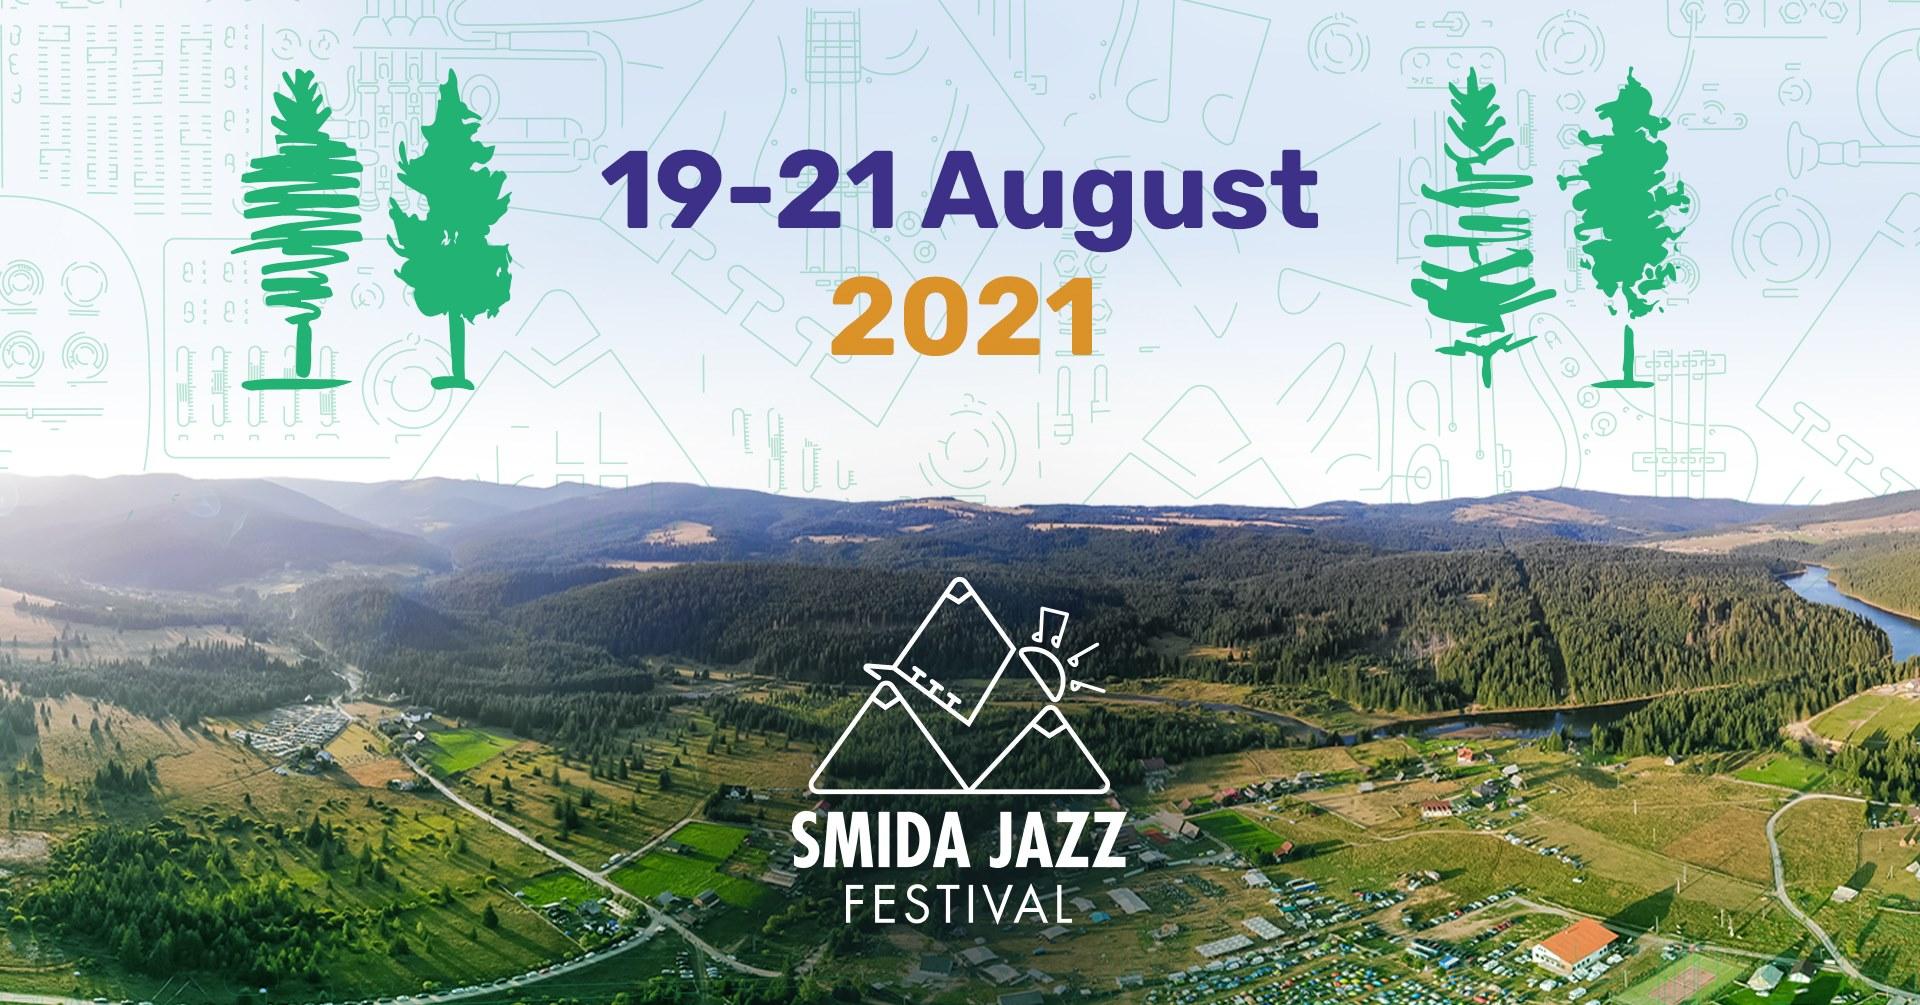 Smida Jazz 2021